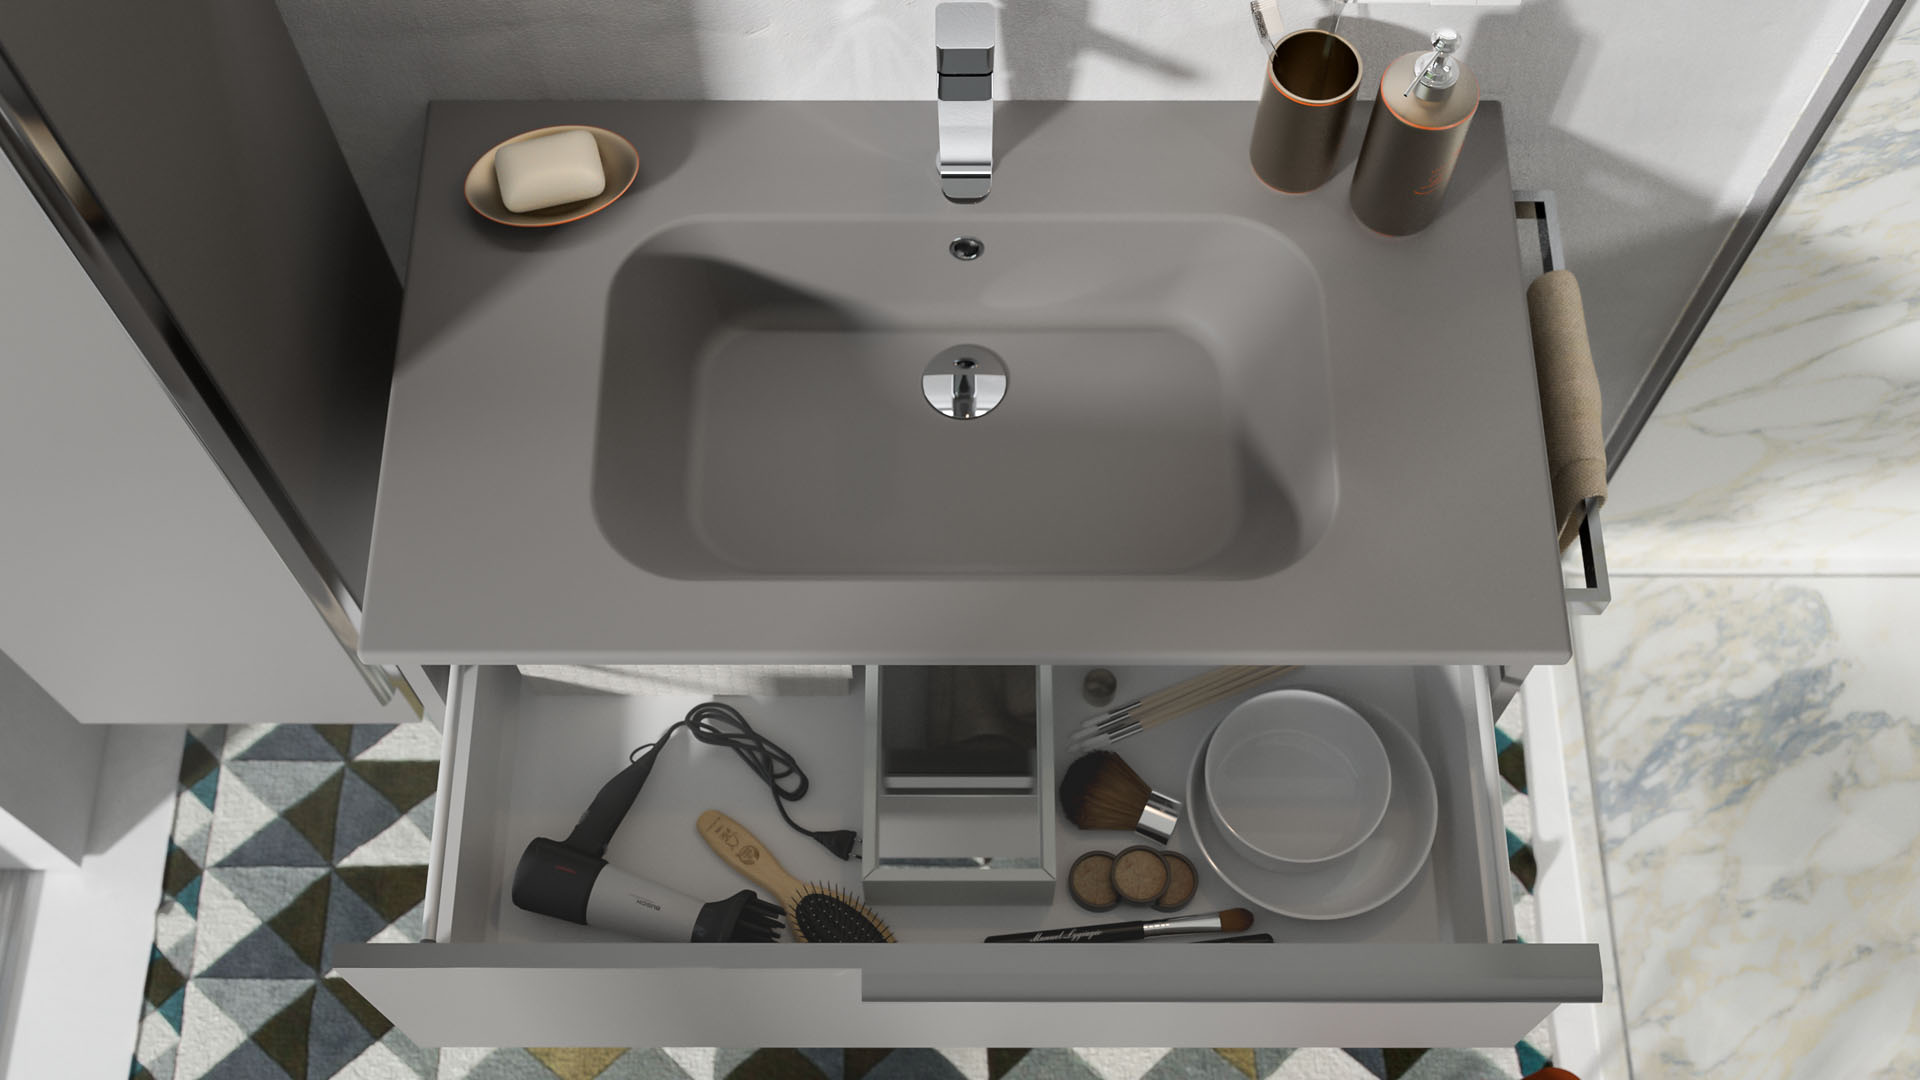 Materiali per il lavabo del bagno come scegliere quello